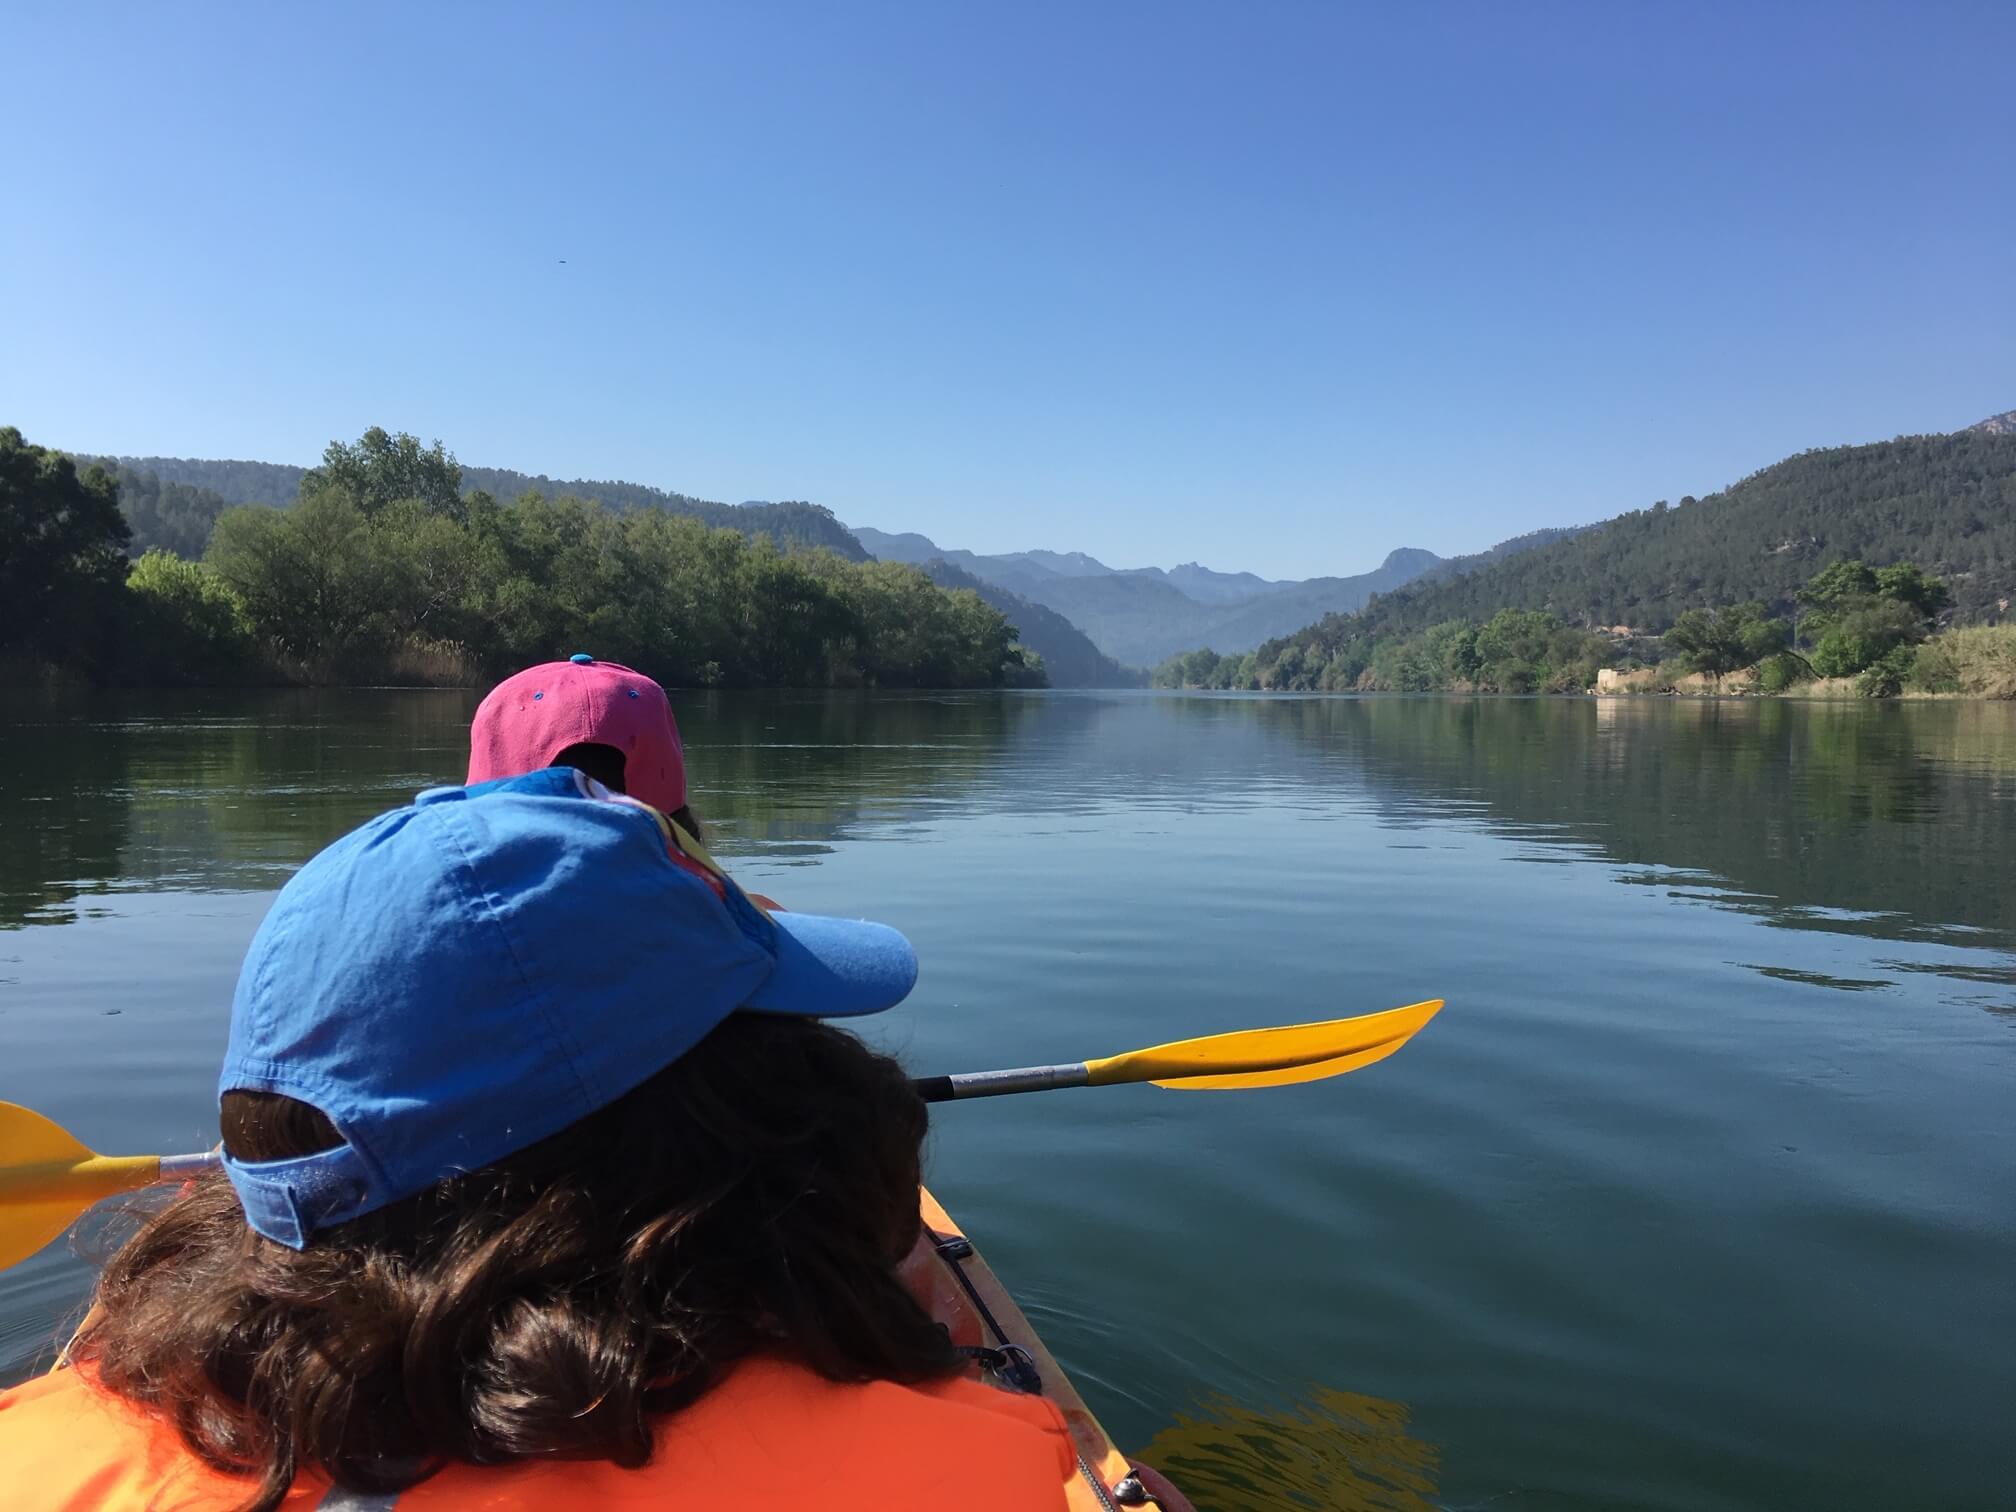 Touring kayak in Ebro river